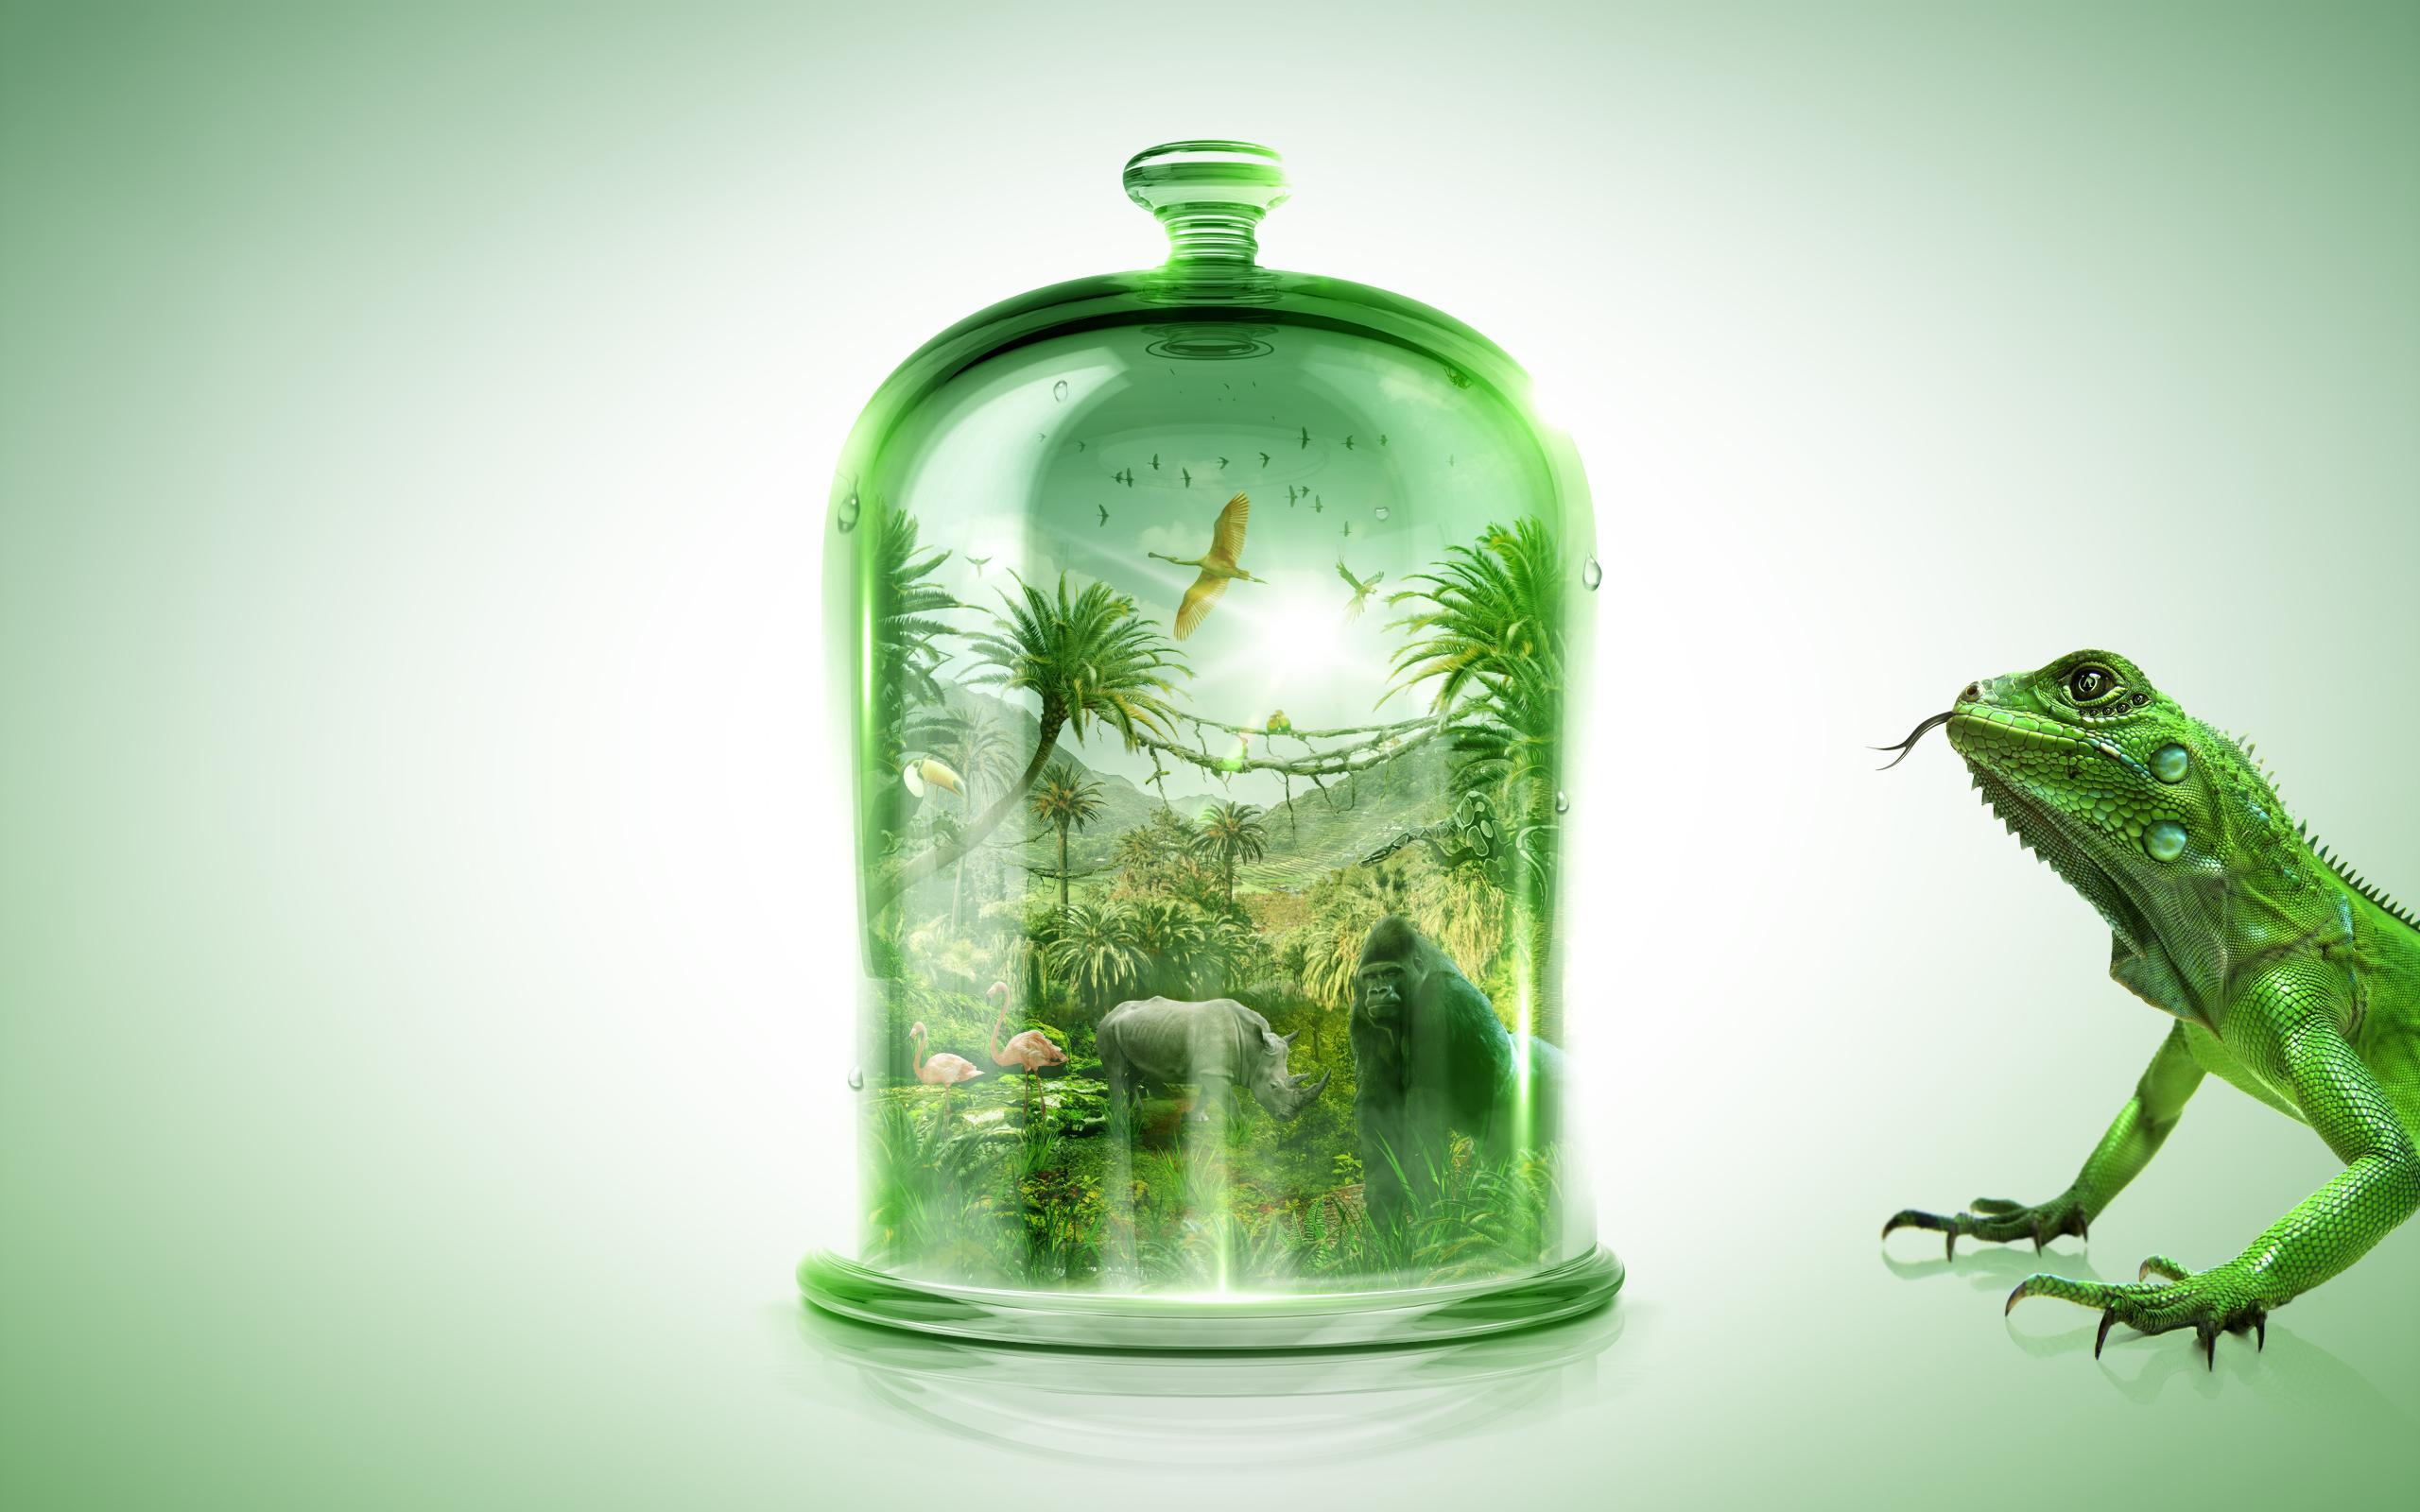 Small World 3 / Bell Jar by LAMBDA256